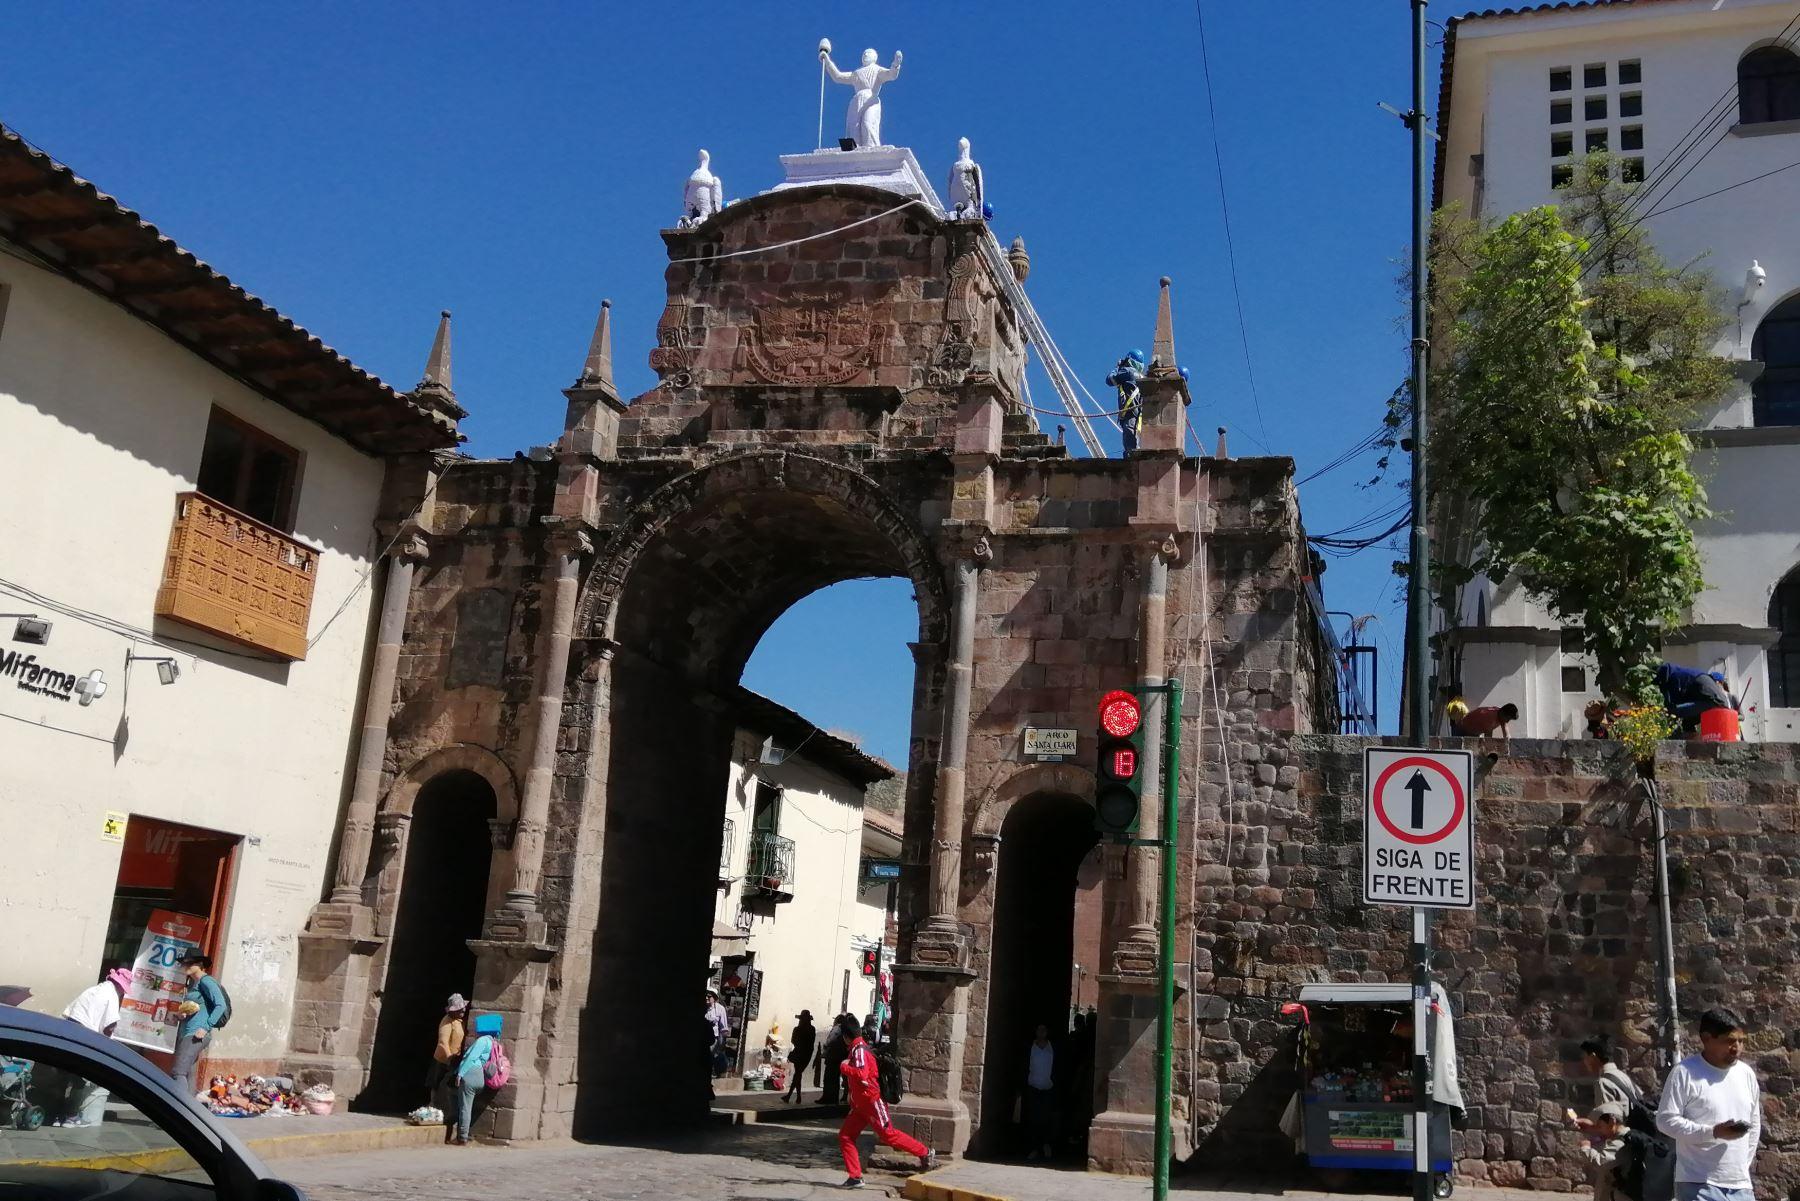 Cusco inicia la recuperación de monumento histórico El Arco de Santa Clara. Foto: ANDINA/Percy Hurtado Santillán.